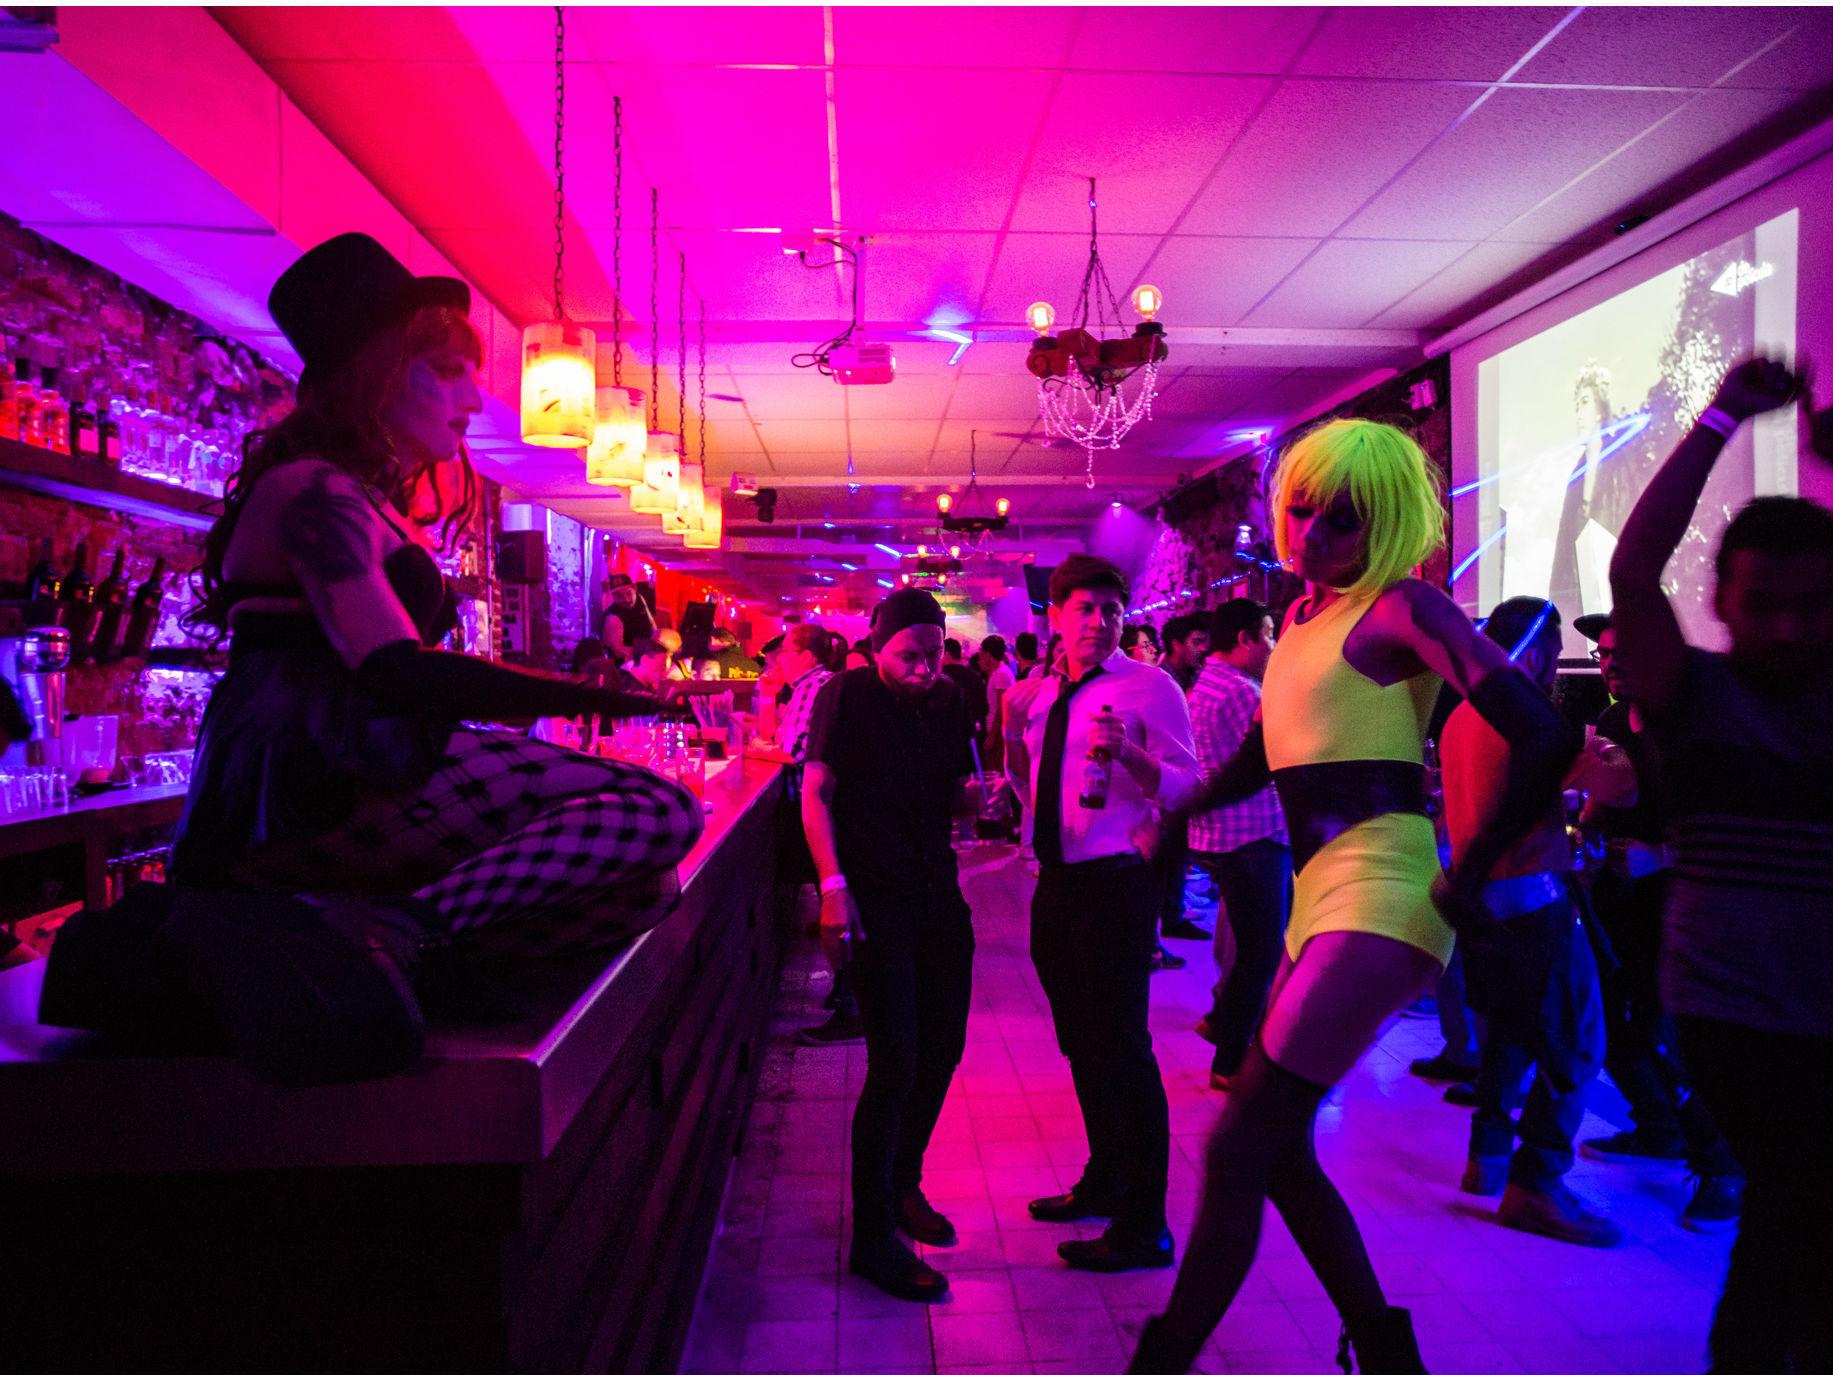 from Micheal la mesa gay bar